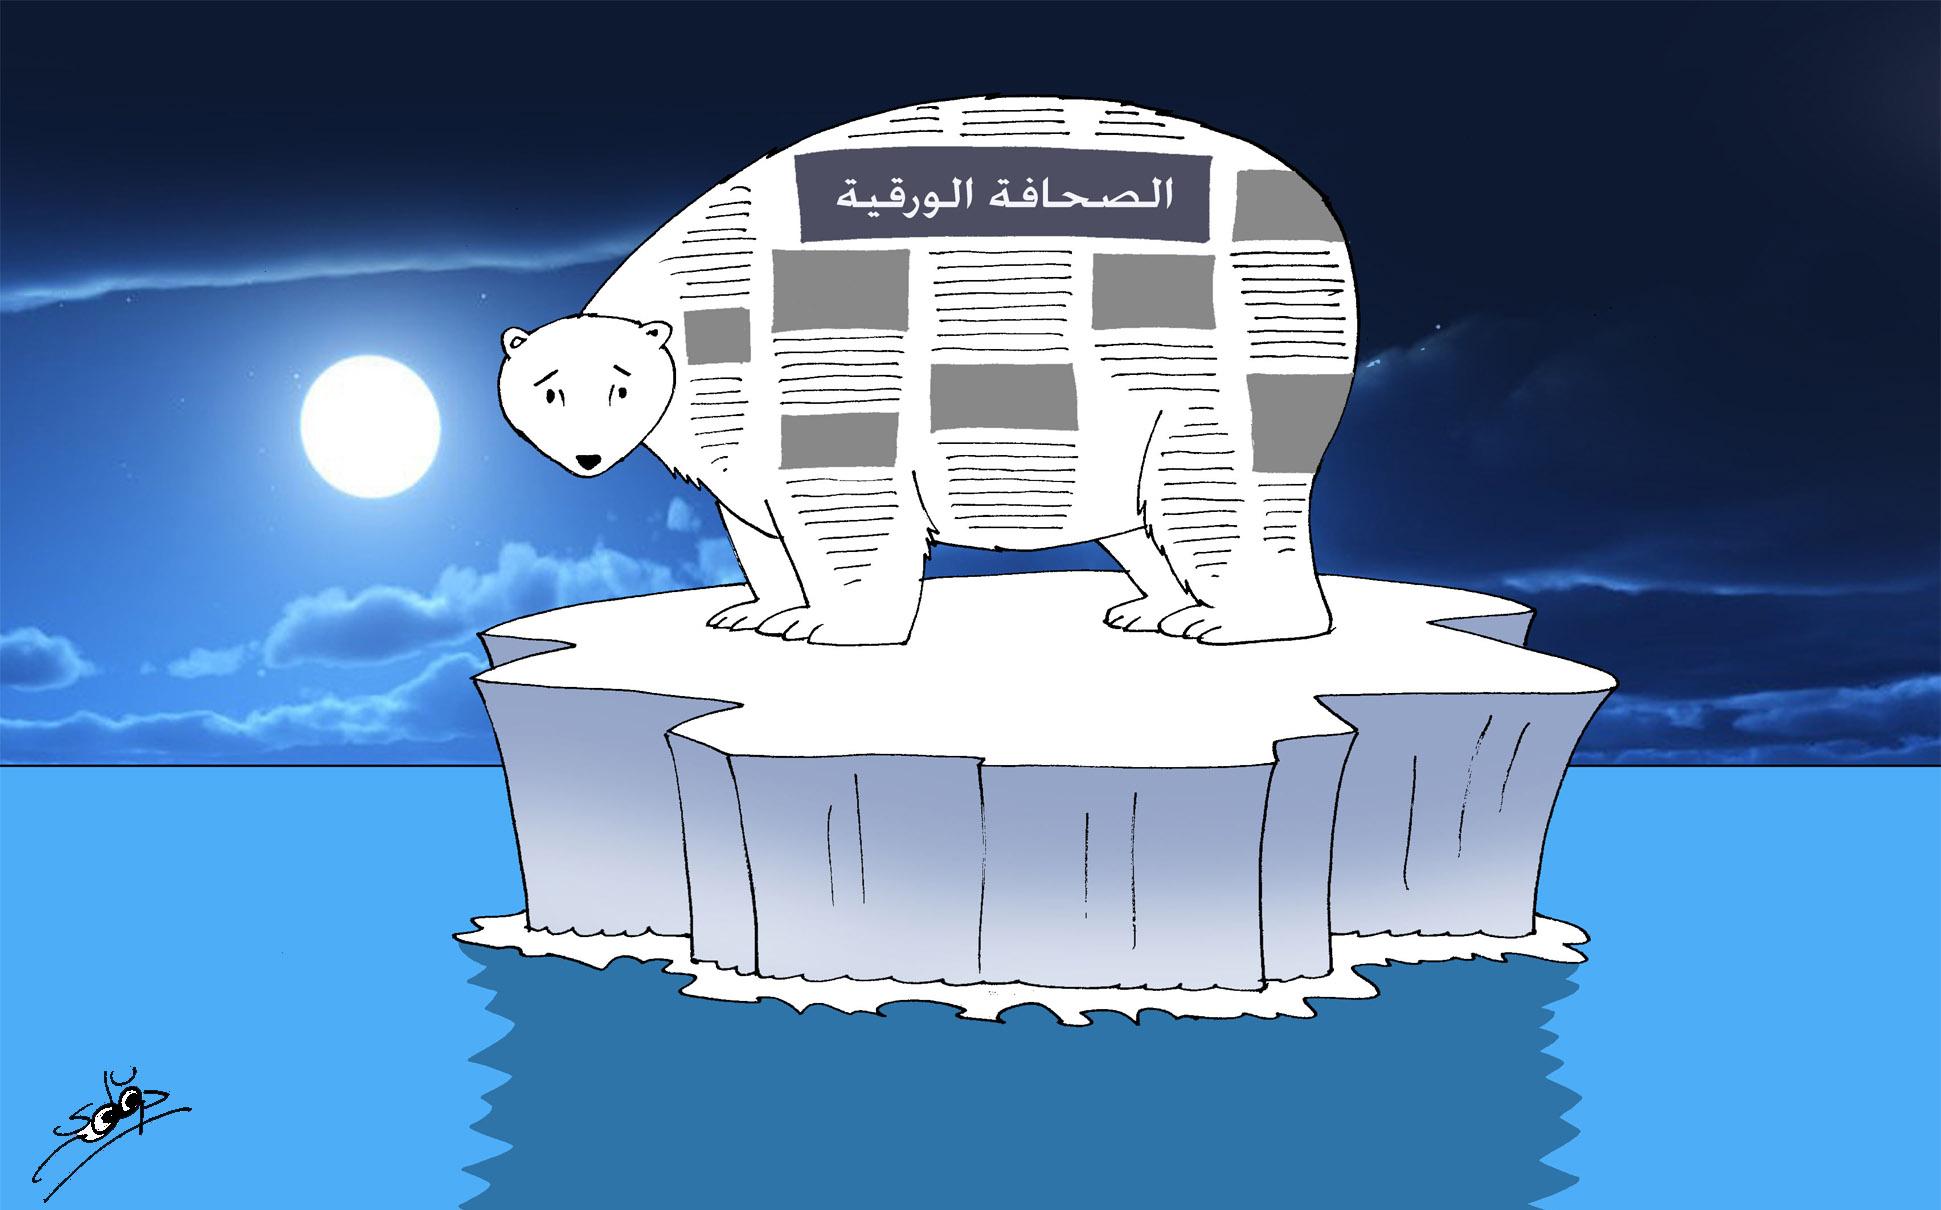 تحديات الصحافة الورقية